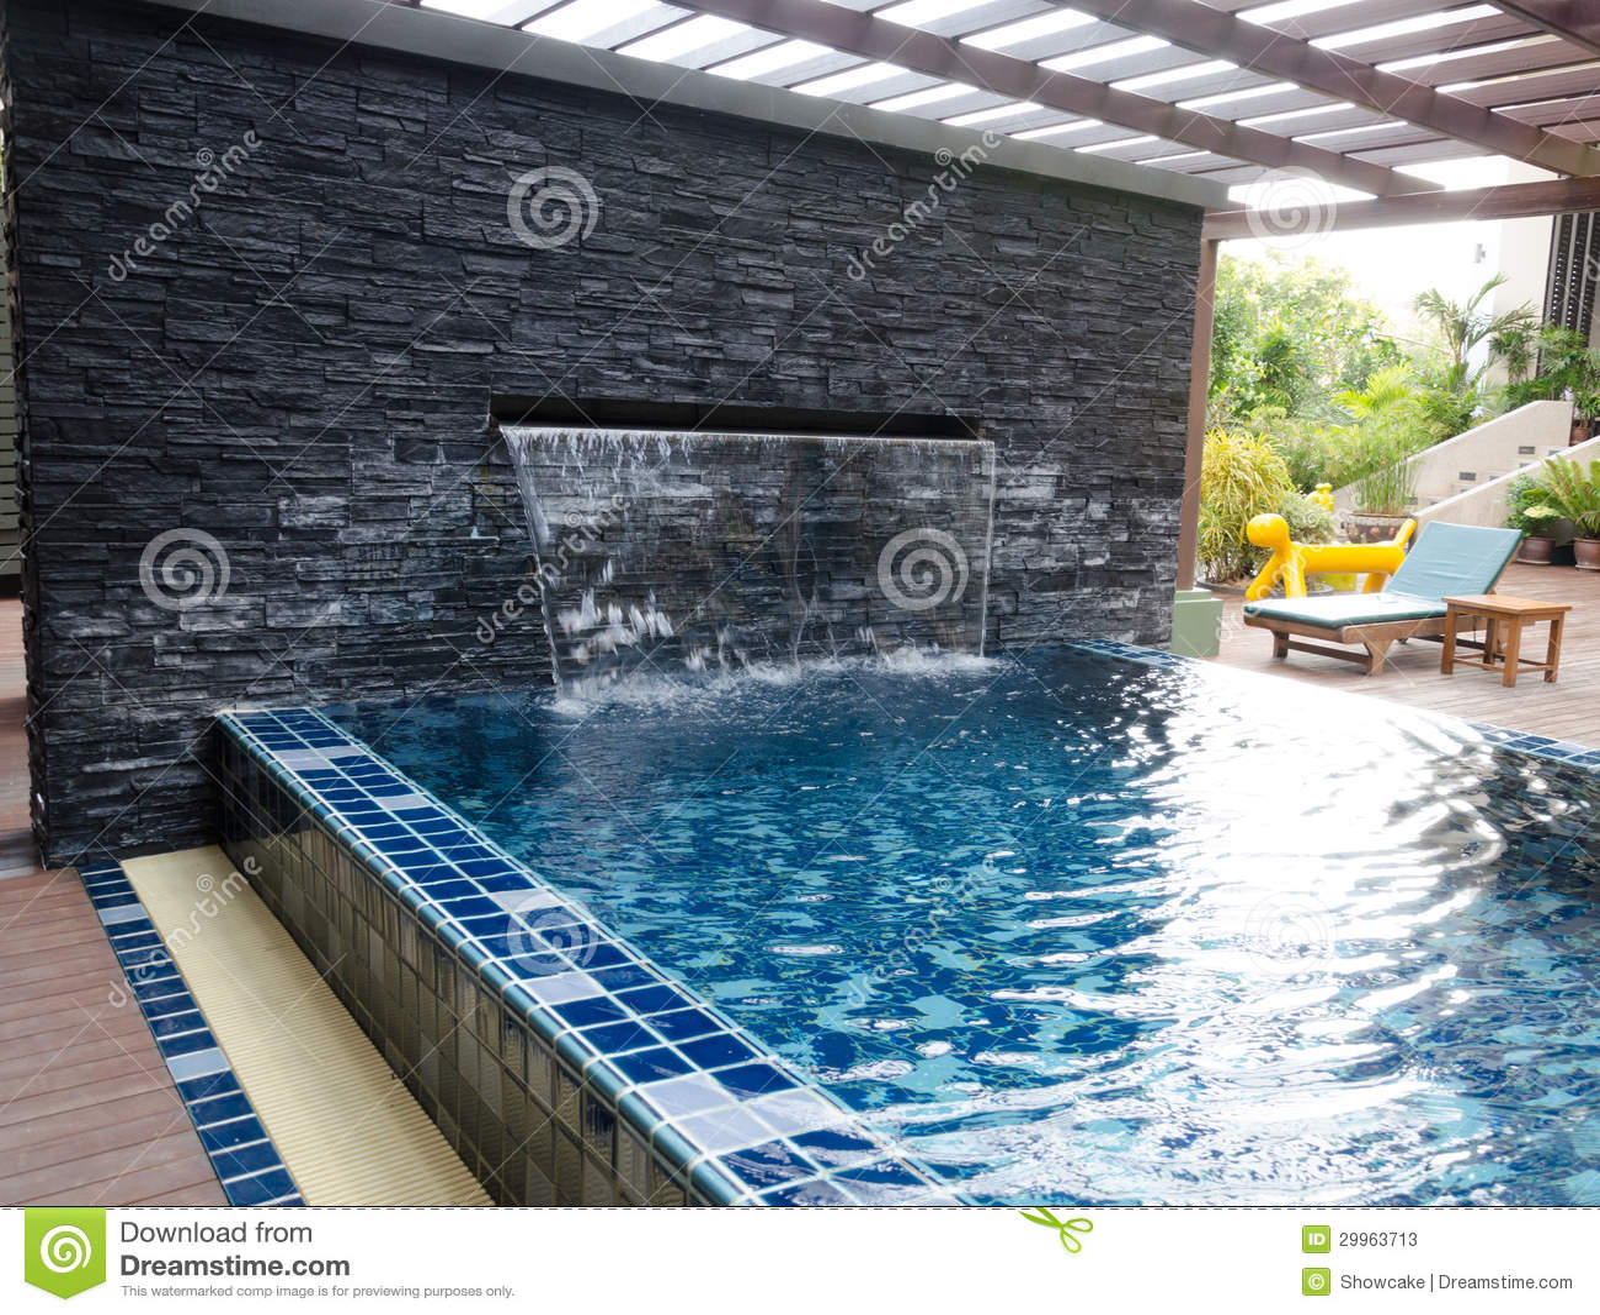 Casa com piscina e quintal fotos de stock imagem 29963713 for Casa moderna